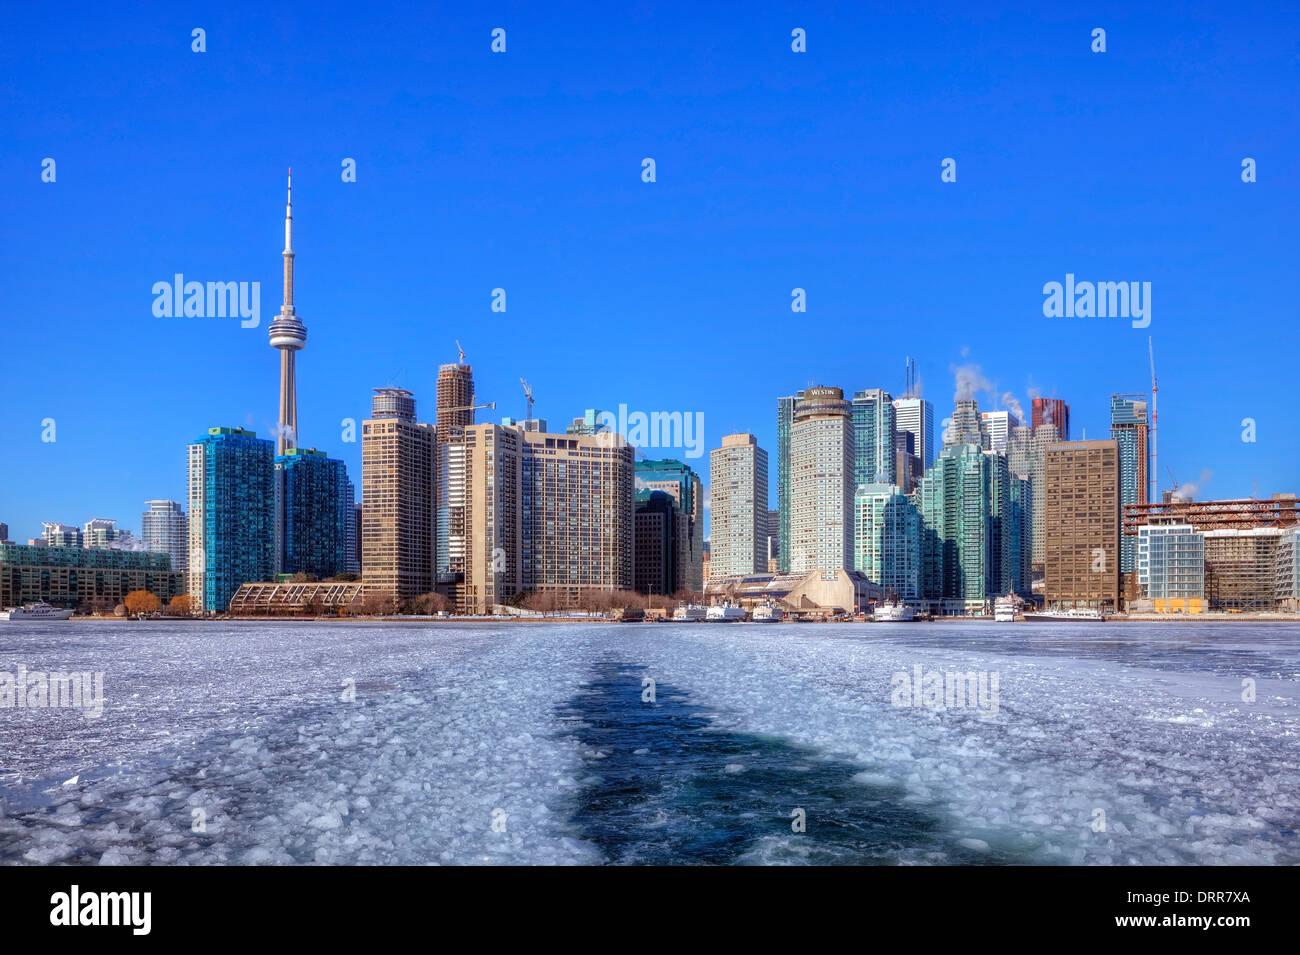 Skyline, Toronto, Ontario, Canada, winter - Stock Image